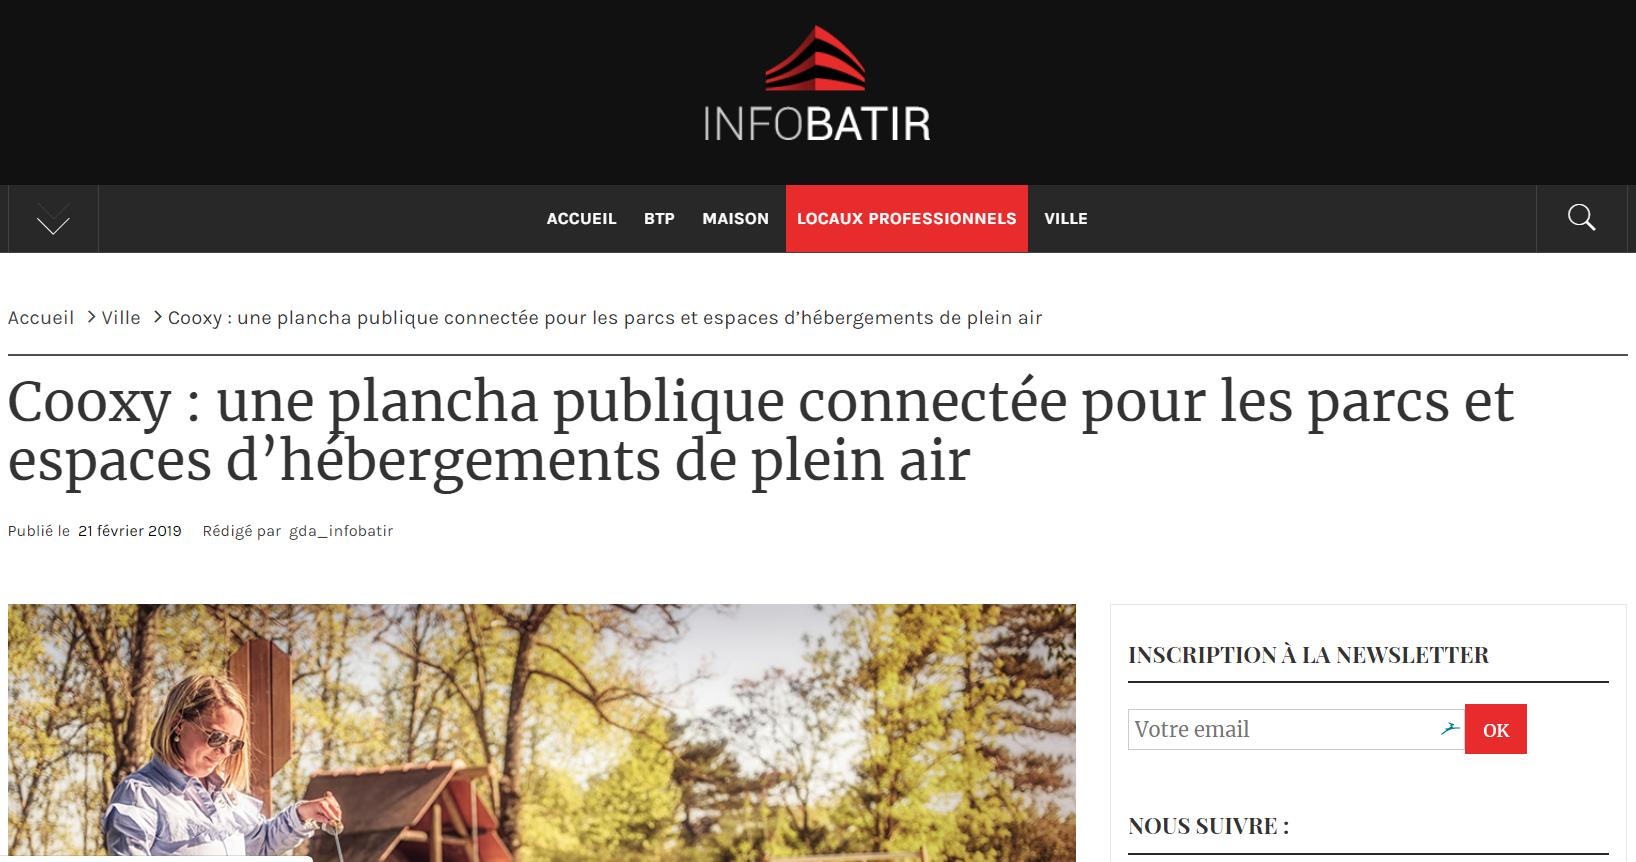 [Revue de presse] Cooxy sur Infobatir.fr